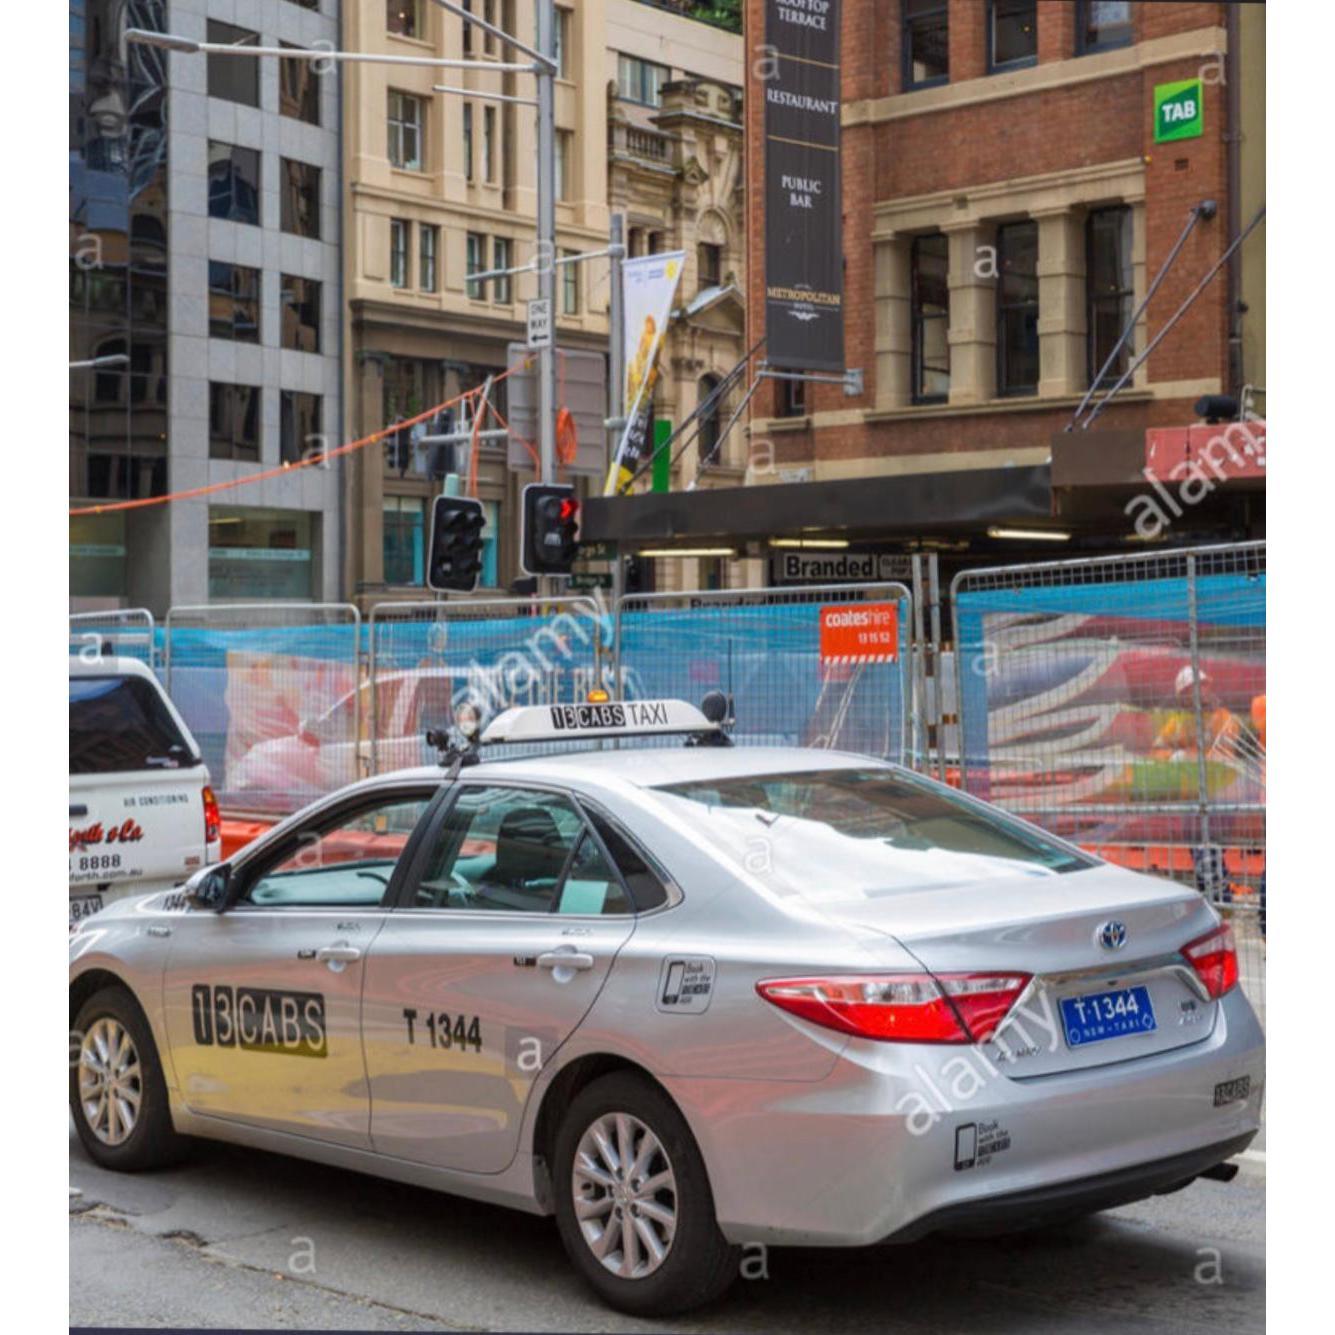 Astoria TaxiCab NYC